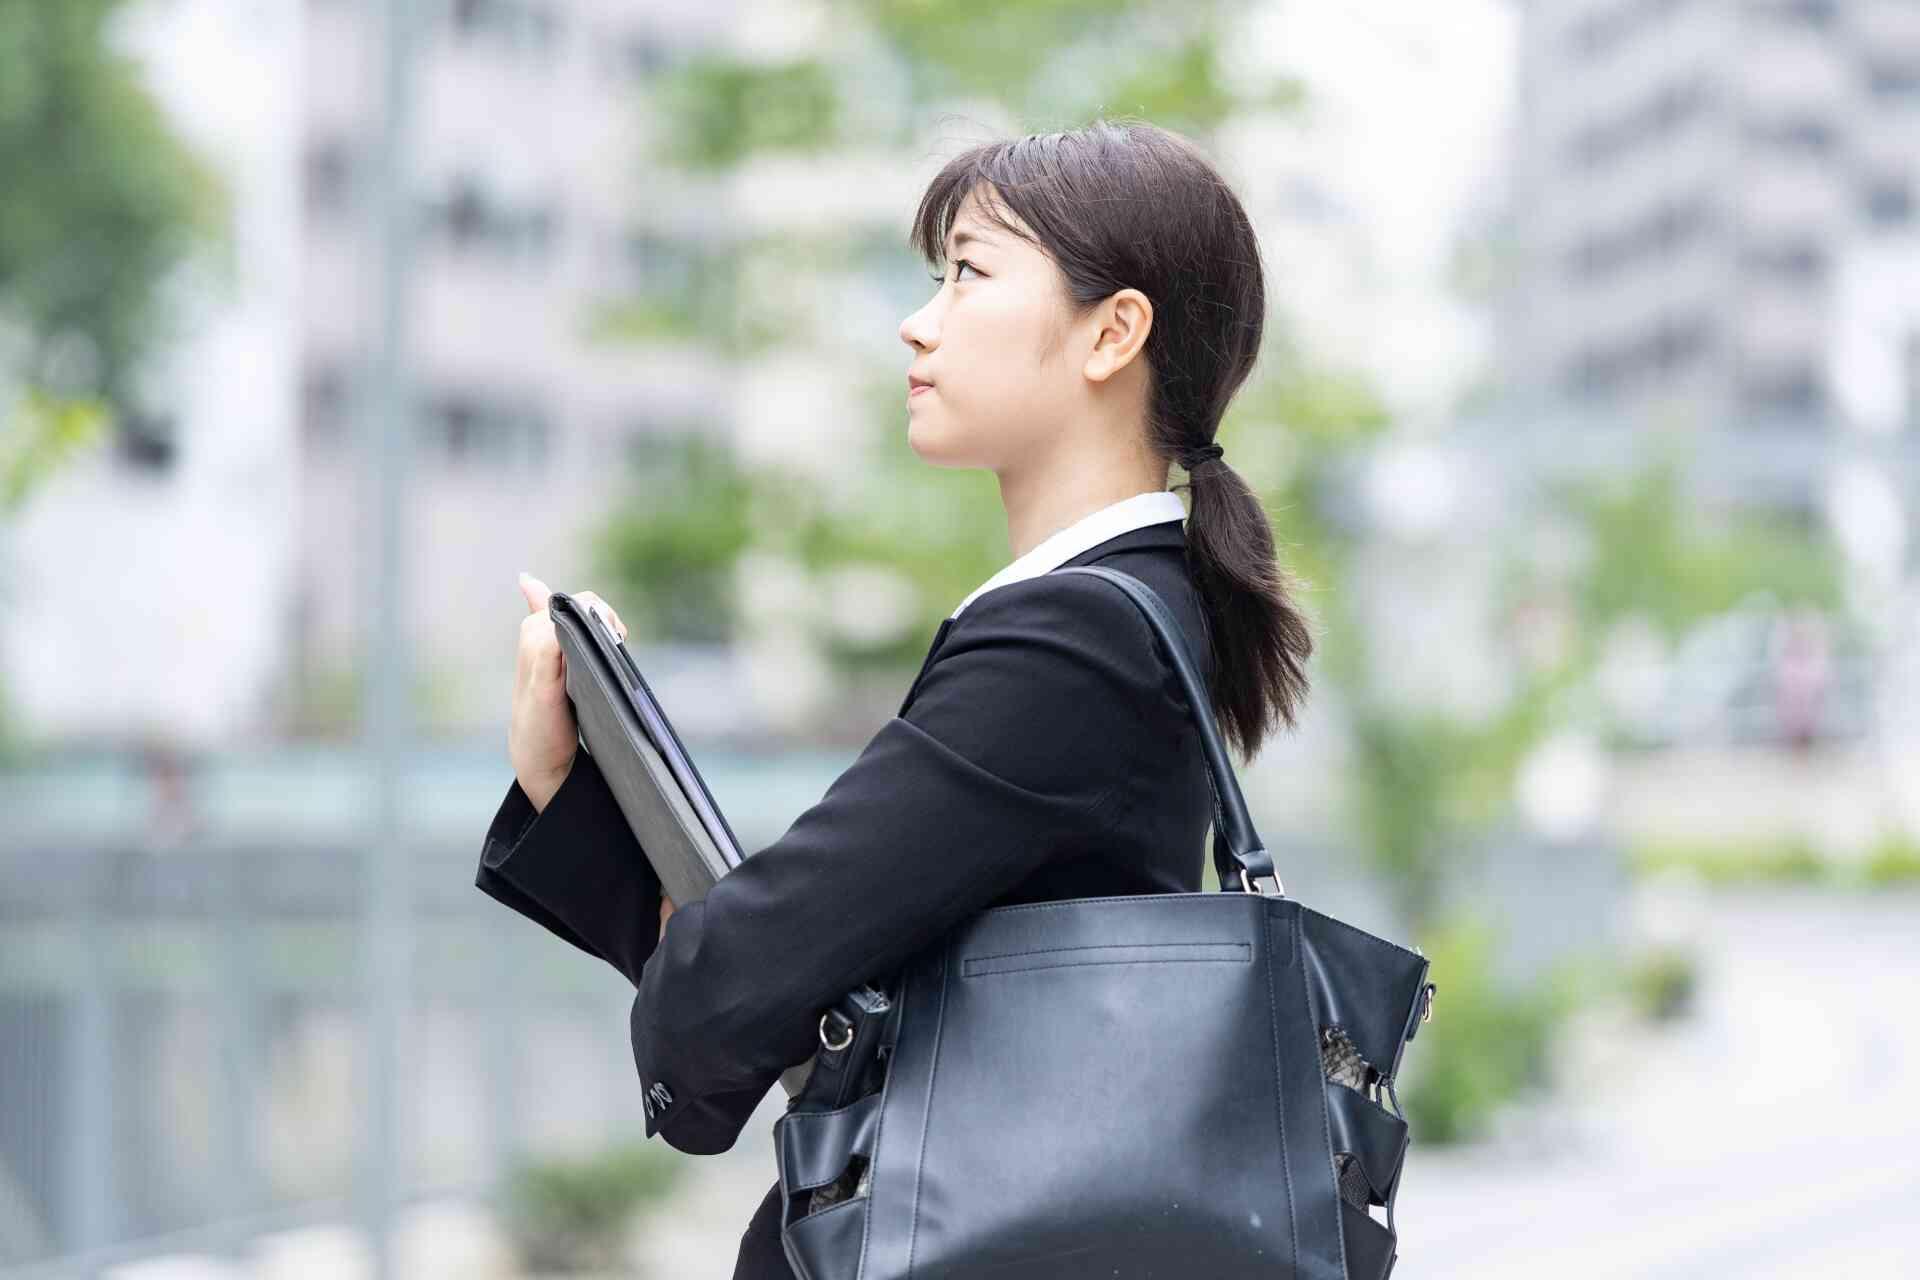 大学中退の就職は厳しい?-理由についても解説-